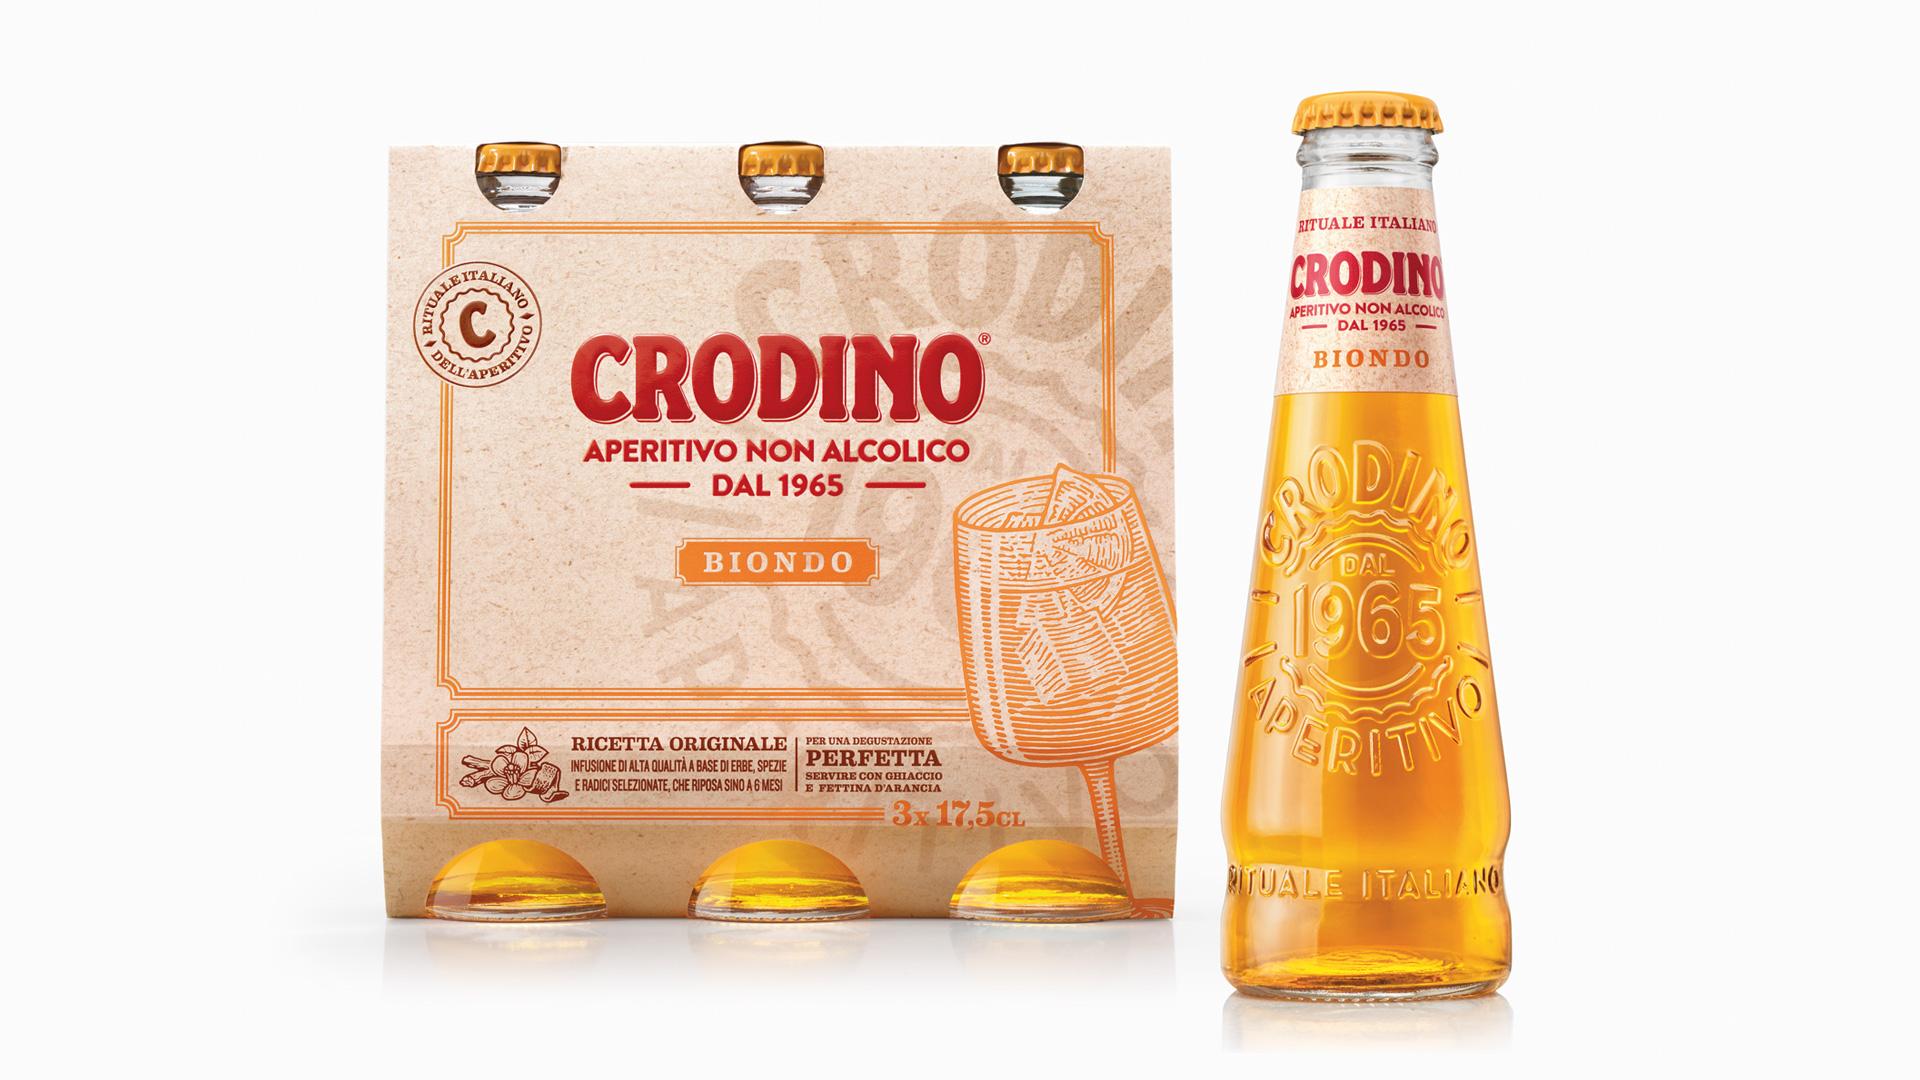 Crodino-Rba-Design-004